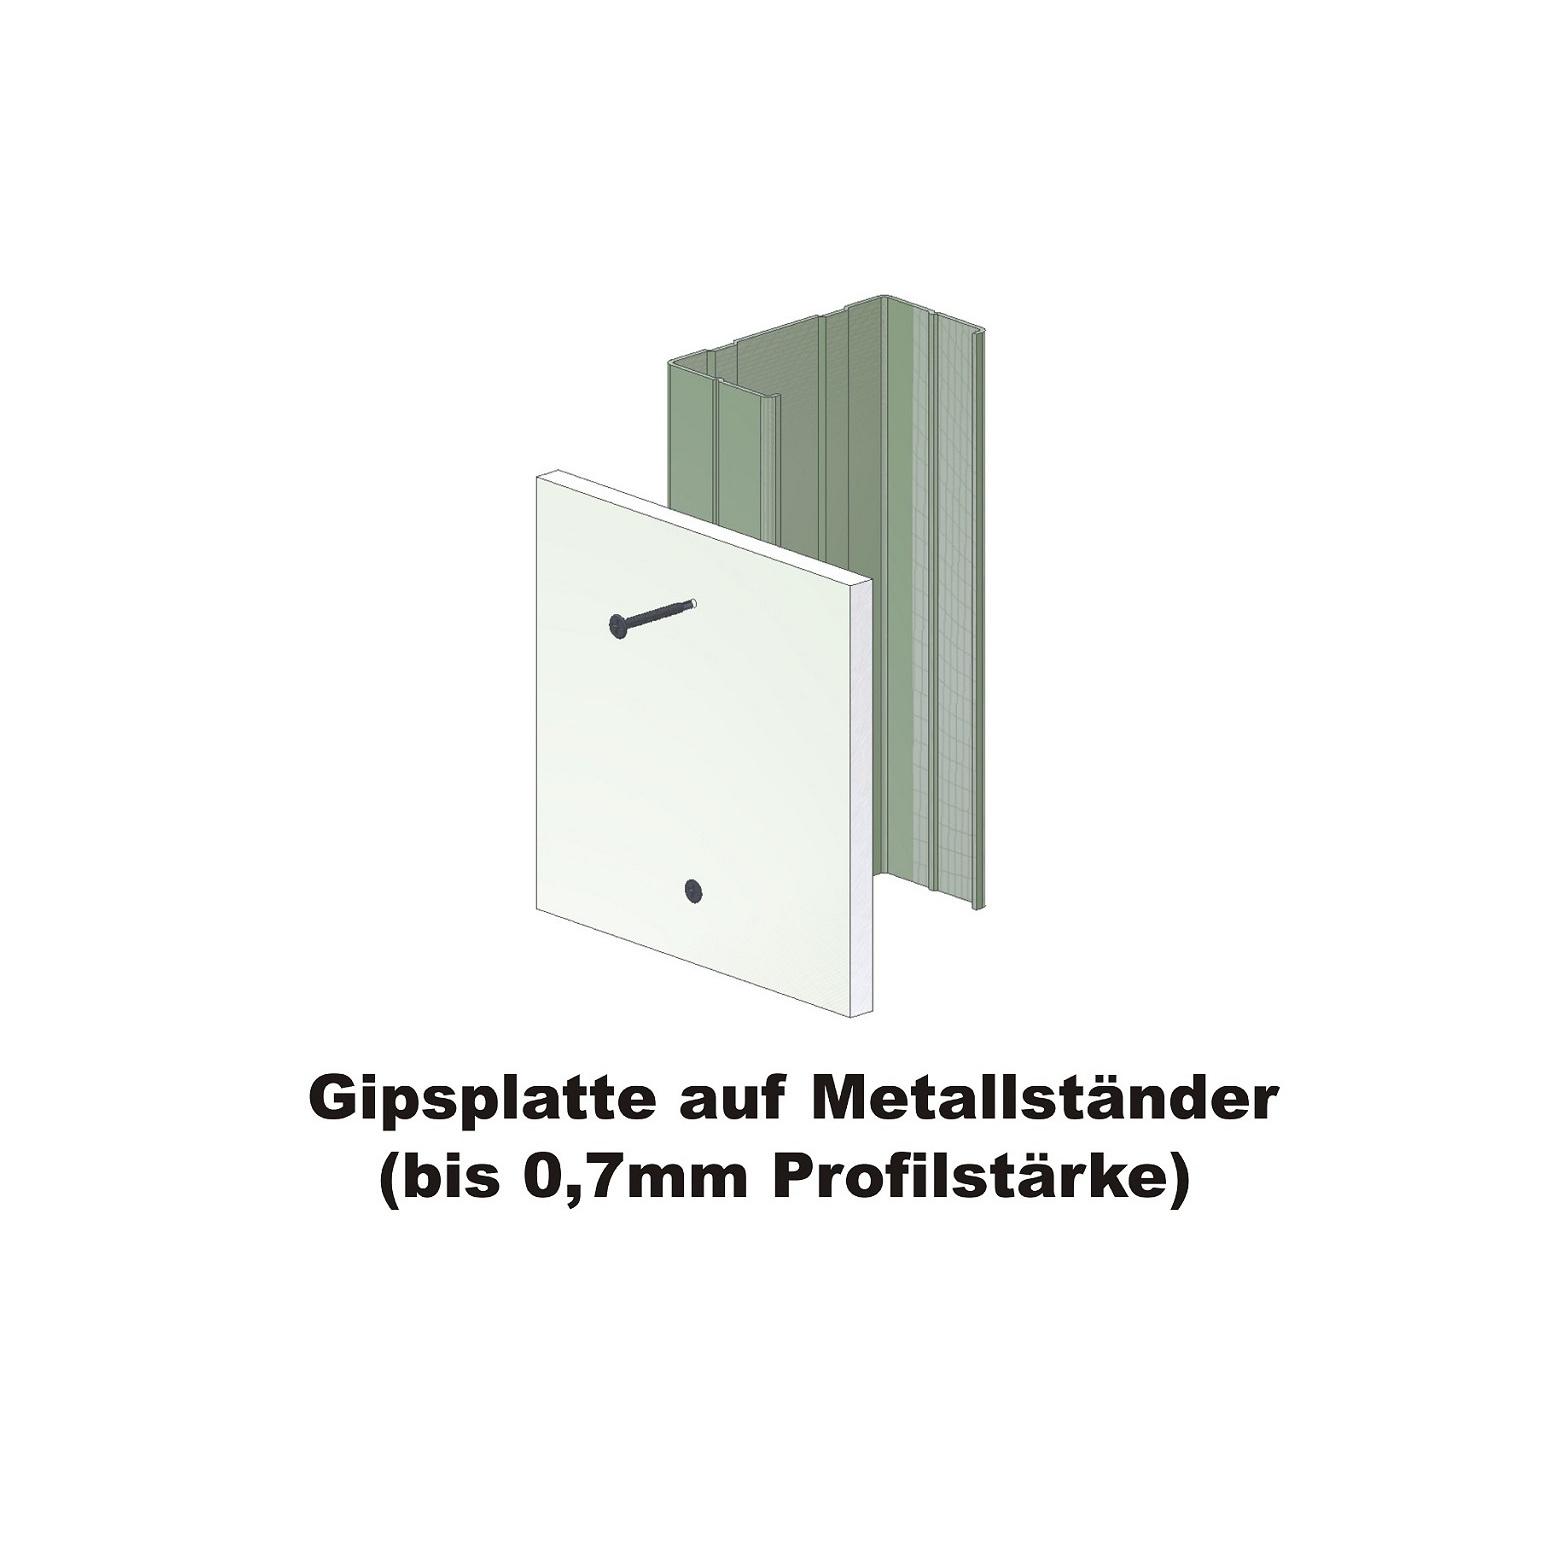 Magazinierte Schnellbauschrauben | phosphatiert | Feingewinde | 3,9x25 | 1.000 Stk